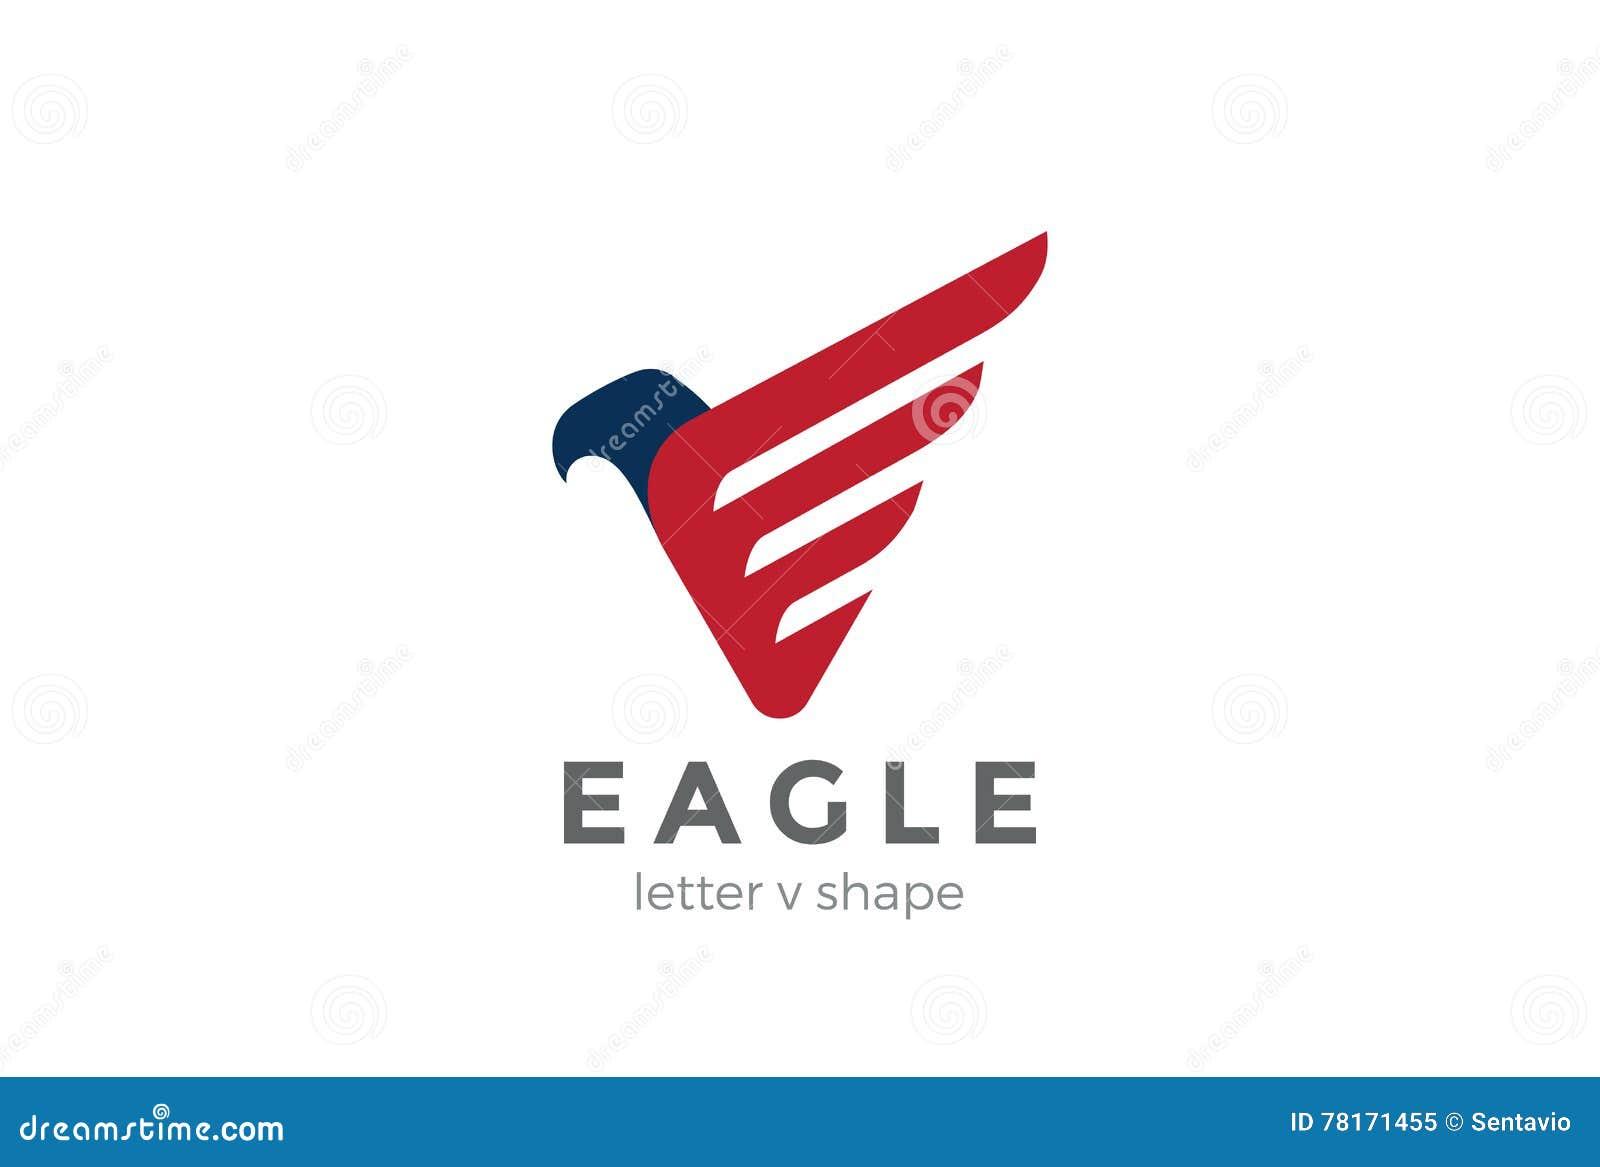 21 Hawk Logos Falcon Eagle Logo Designs  FreeCreatives